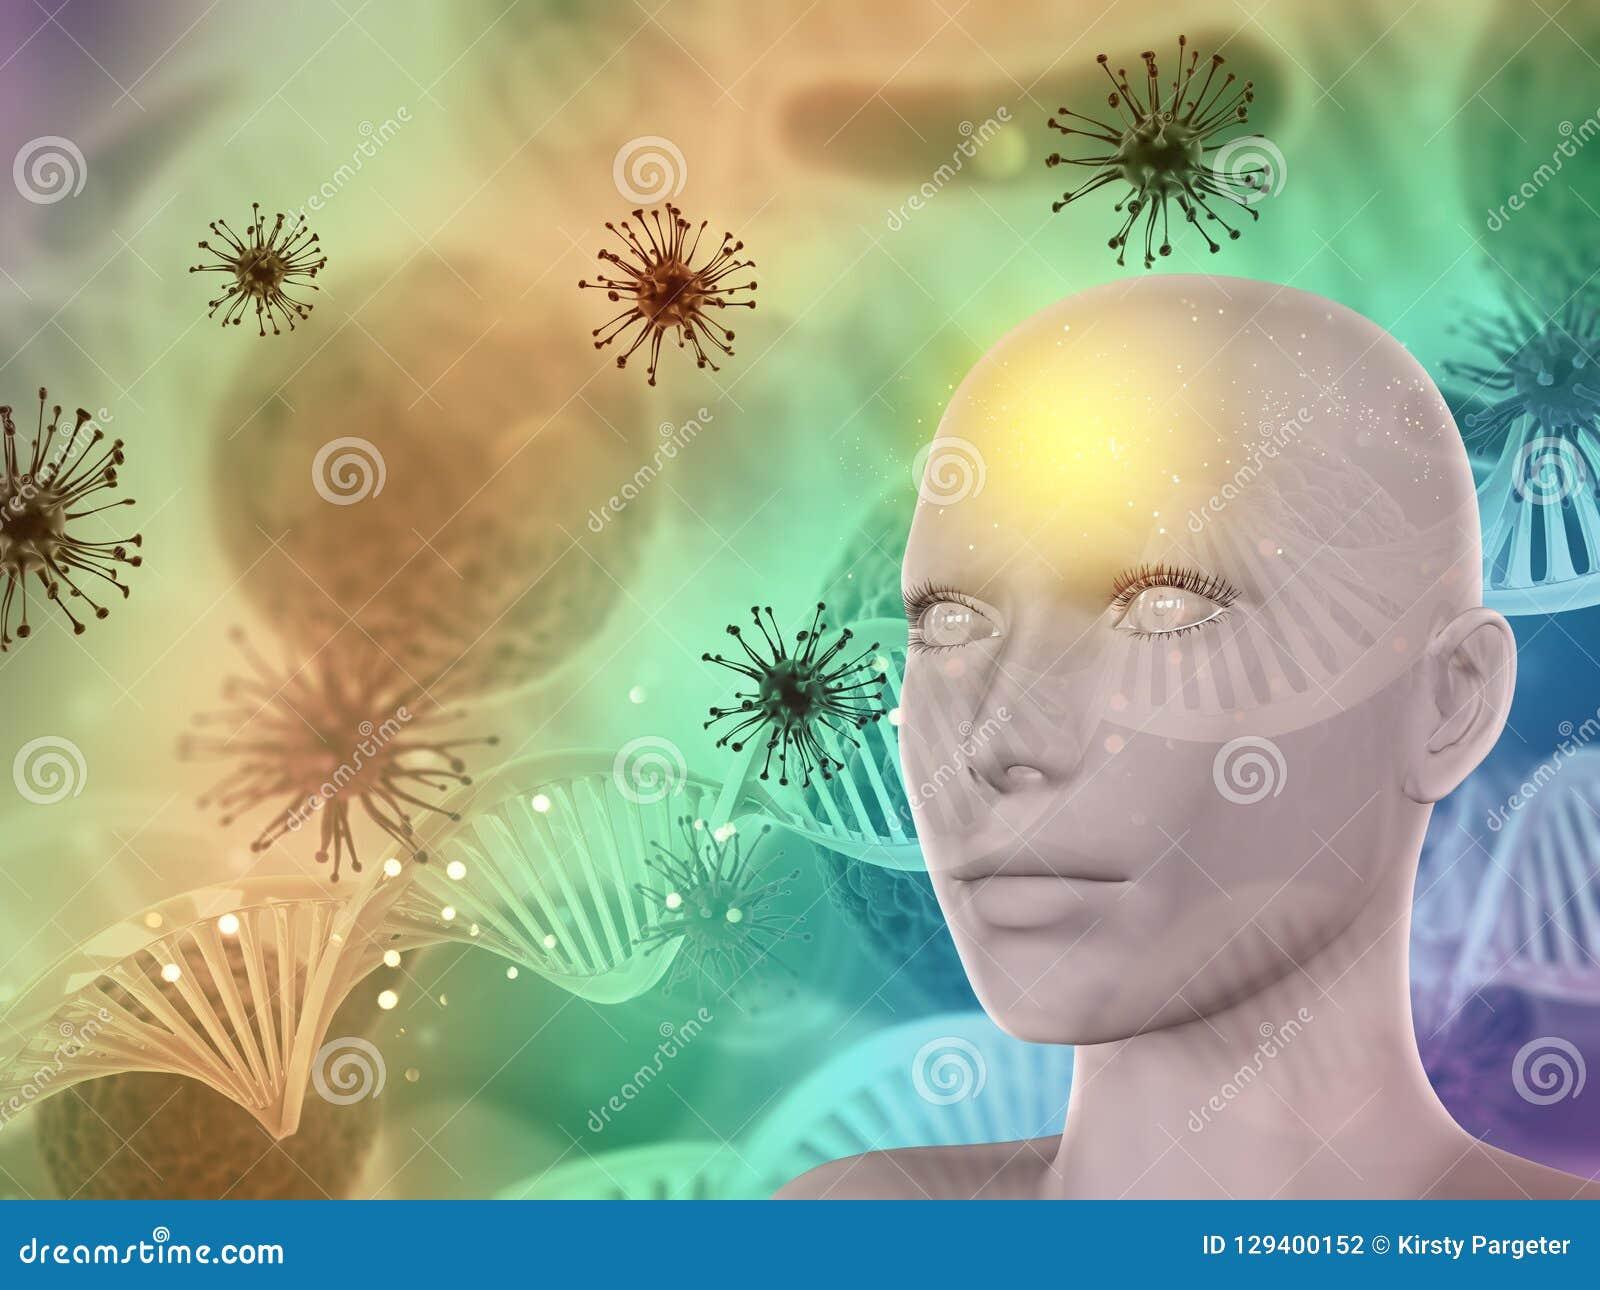 τρισδιάστατο αφηρημένο ιατρικό υπόβαθρο με το θηλυκό πρόσωπο, κύτταρα ιών και